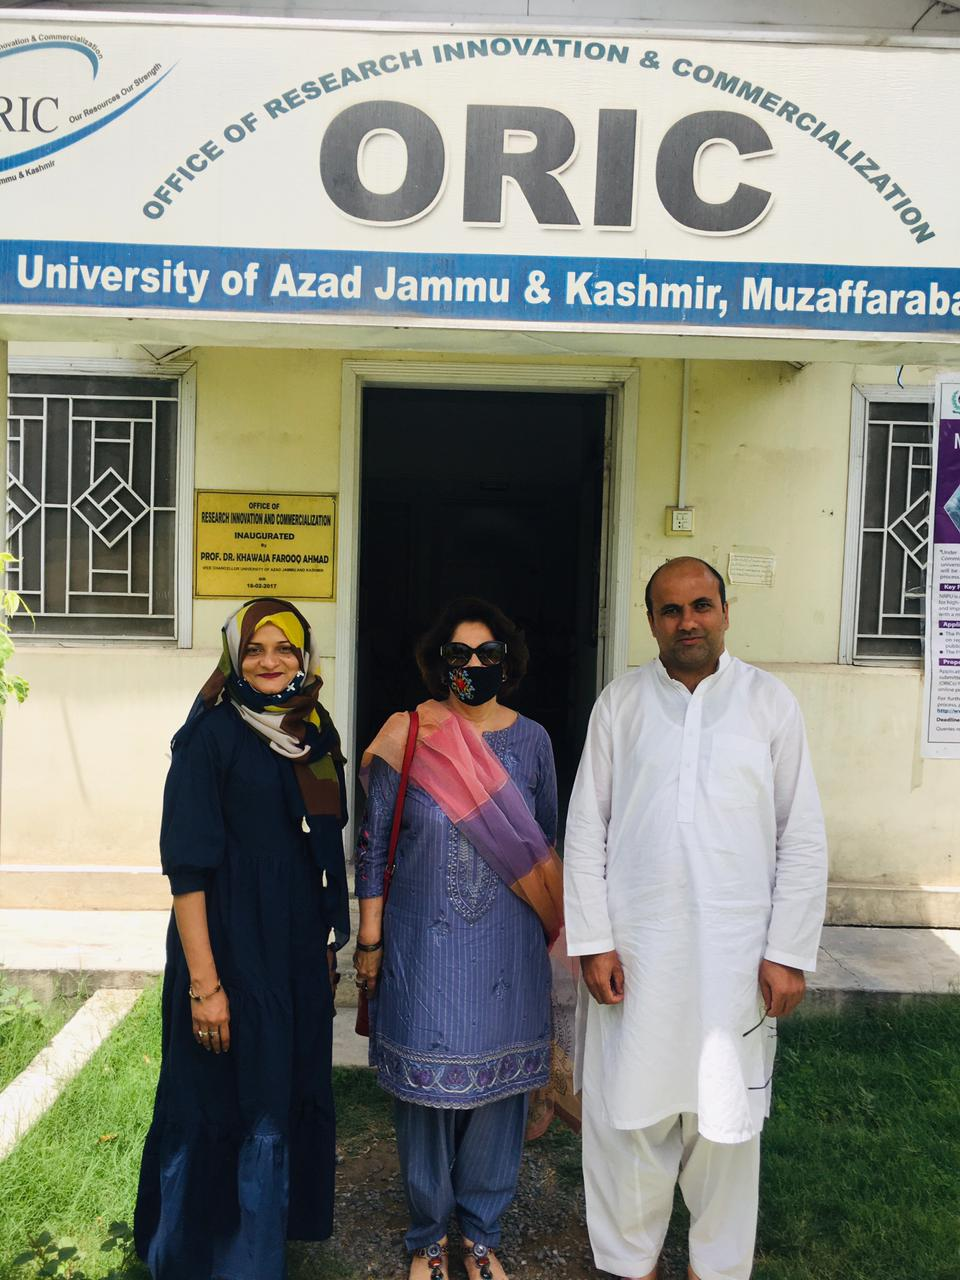 جامعہ کراچی اور یونیورسٹی آف آزاد جموں کشمیر کے درمیان مفاہمتی یادداشت پر دستخط